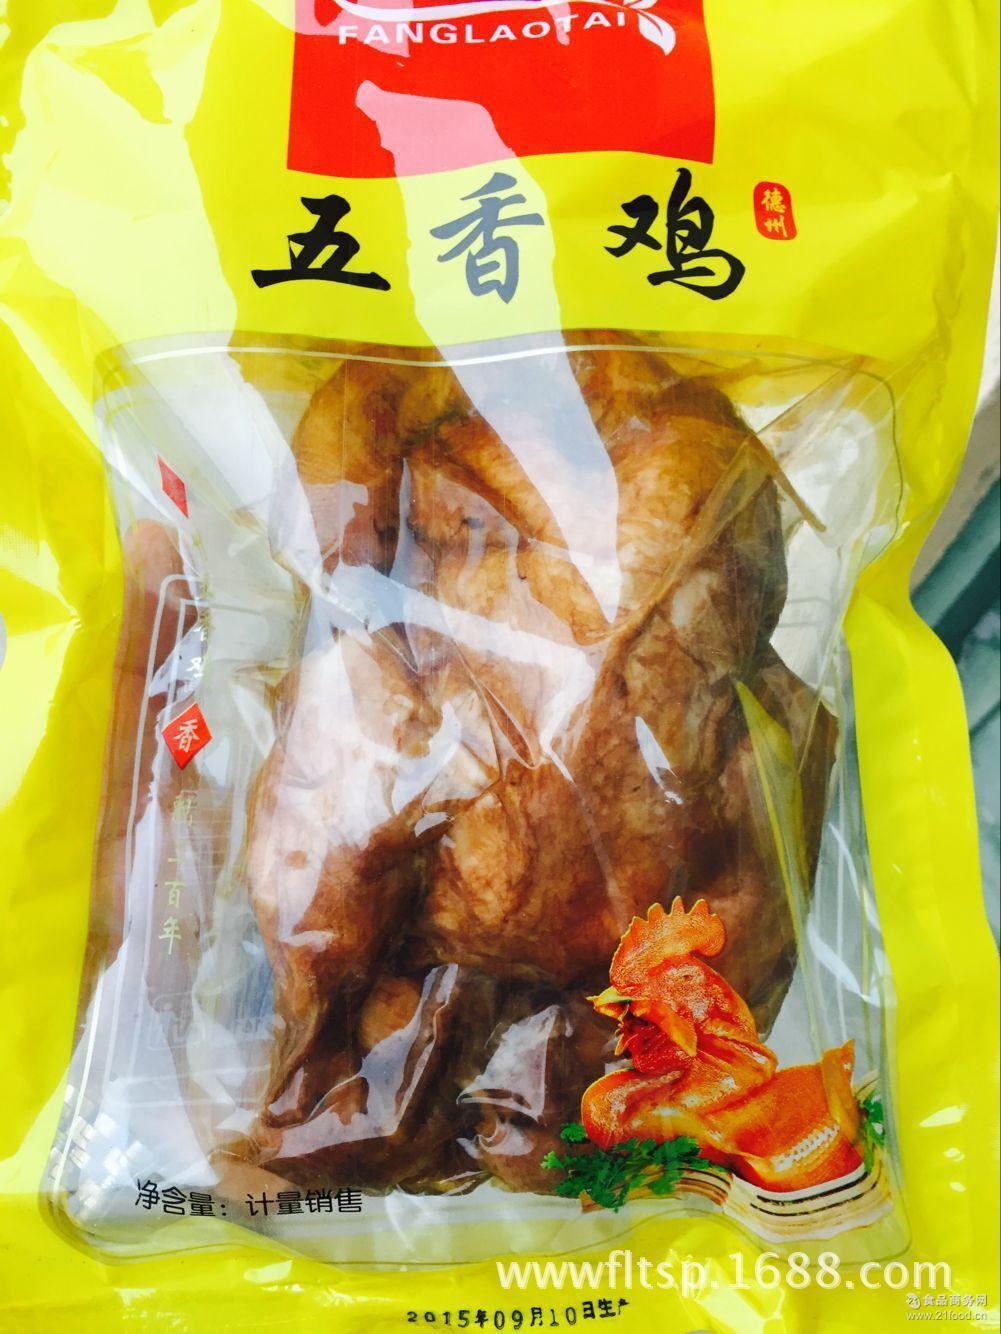 厂家低价供应德州特产【绿色食品】德州扒鸡餐饮*实惠装